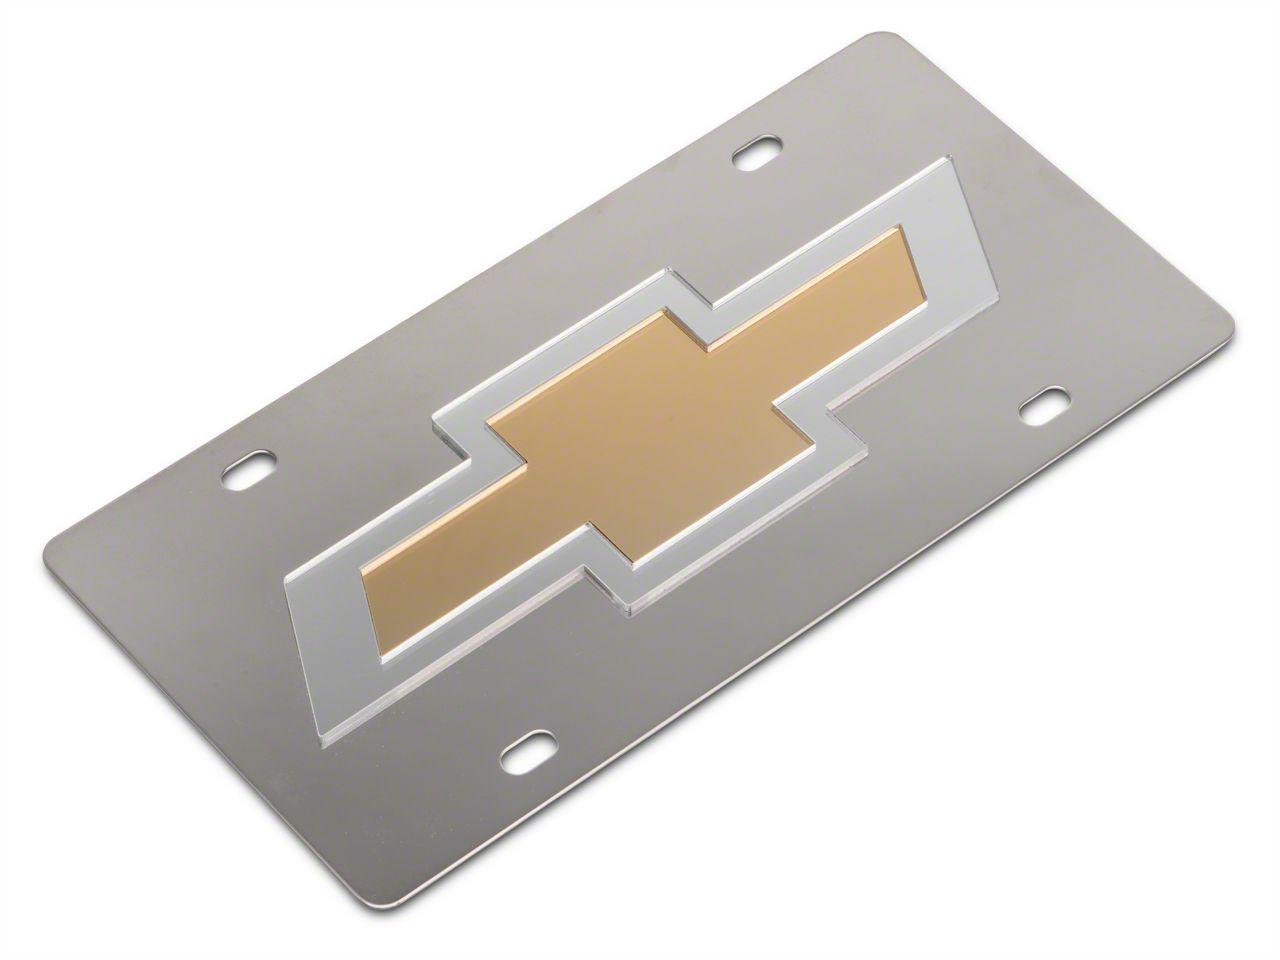 SpeedForm Stainless Steel License Plate w/ Gold Bowtie Logo (99-18 Silverado 1500)